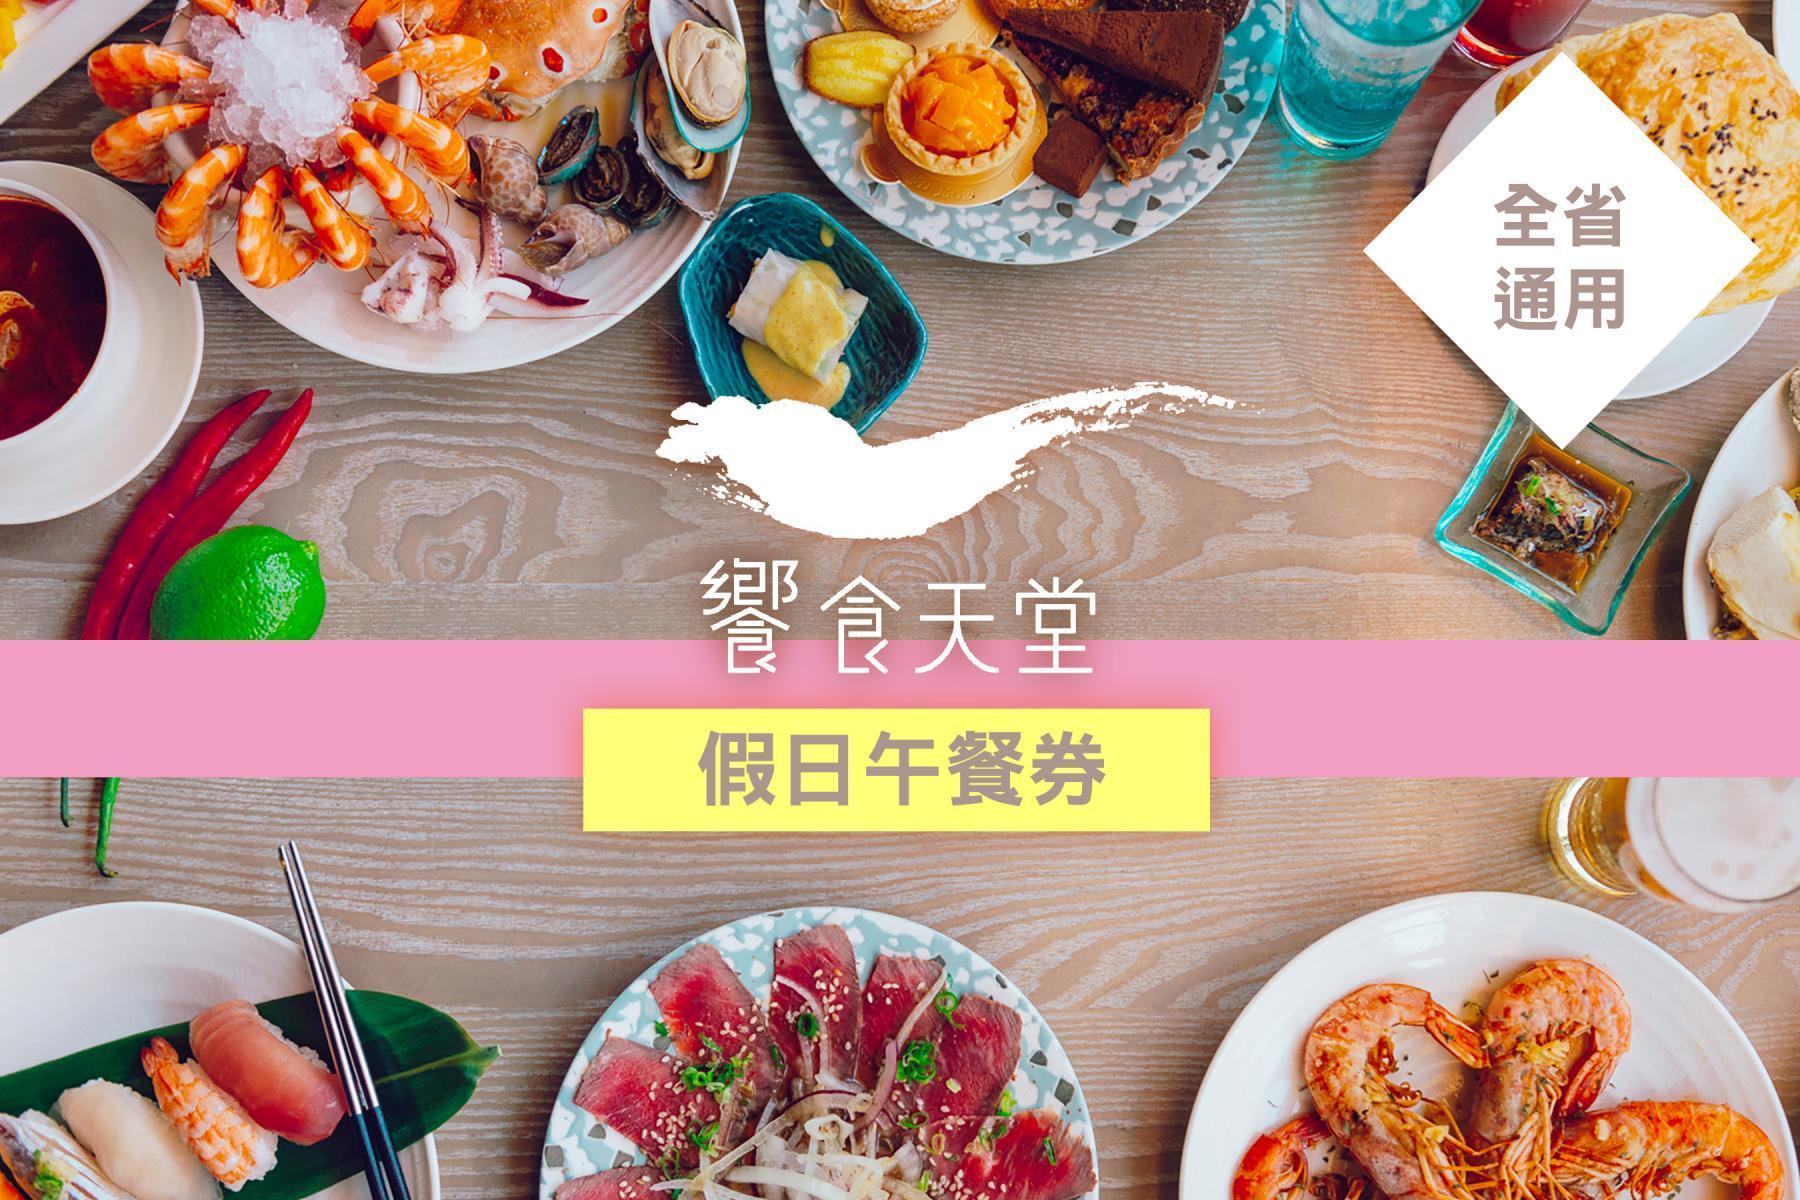 全省饗食天堂-假日午餐券